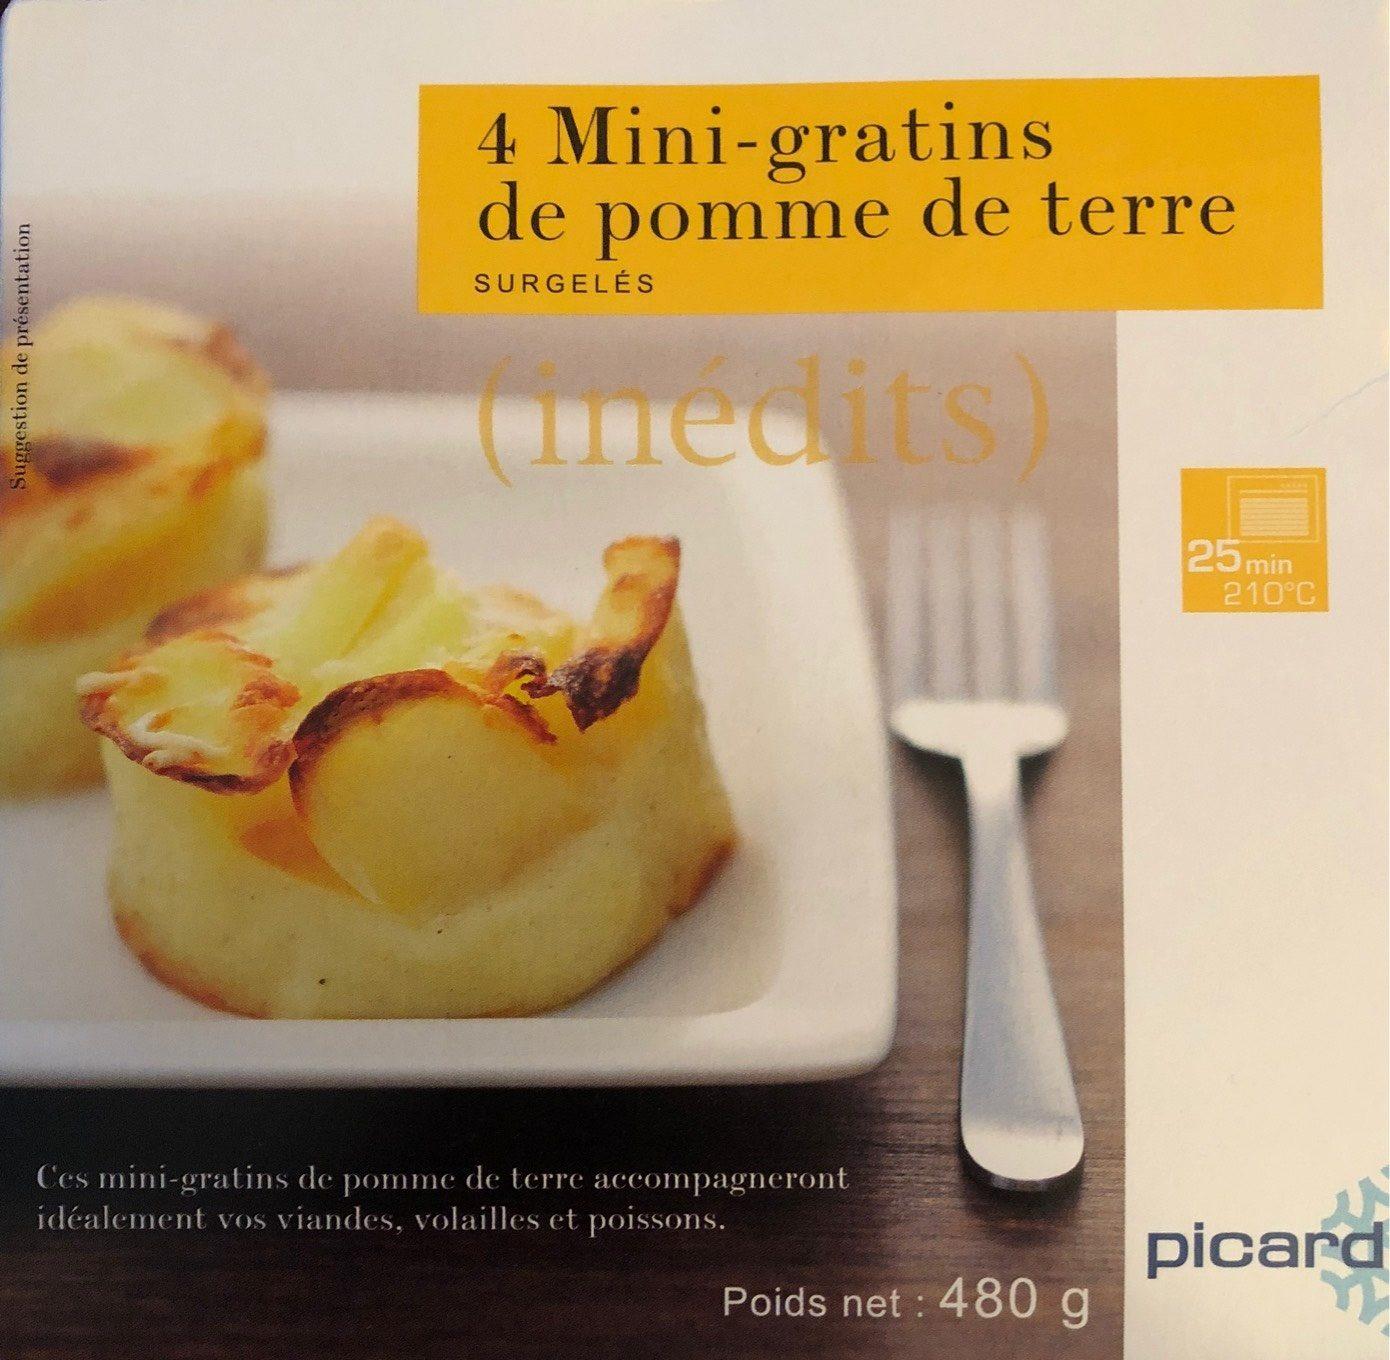 8262f81128a 4 Mini-gratins de pomme de terre - Picard - 480 g